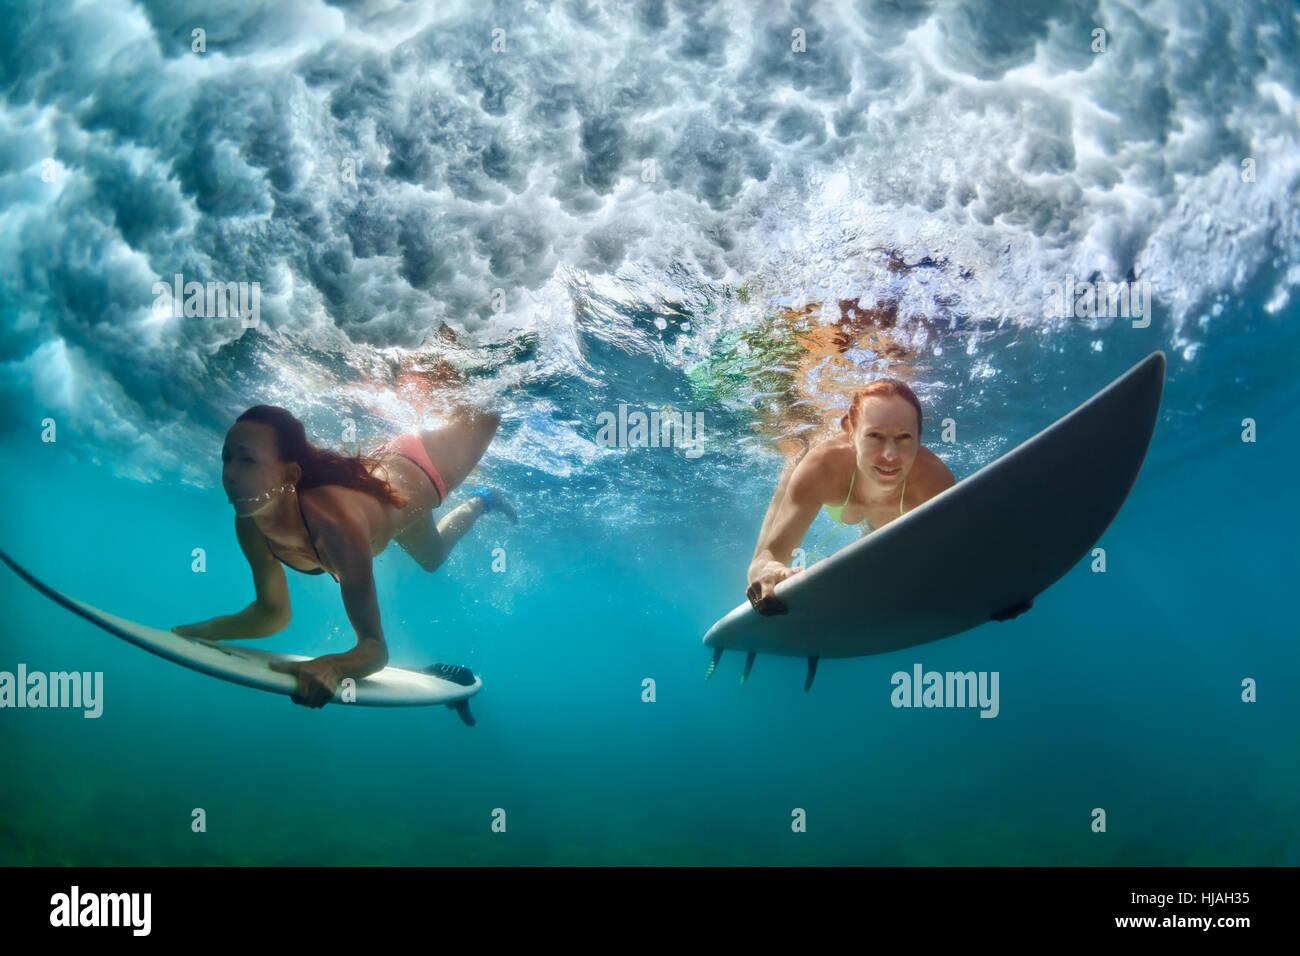 Un gruppo di ragazze attive in azione. Surfer donne con tavola da surf tuffarsi underwater in onda. Sport d'acqua, Immagini Stock